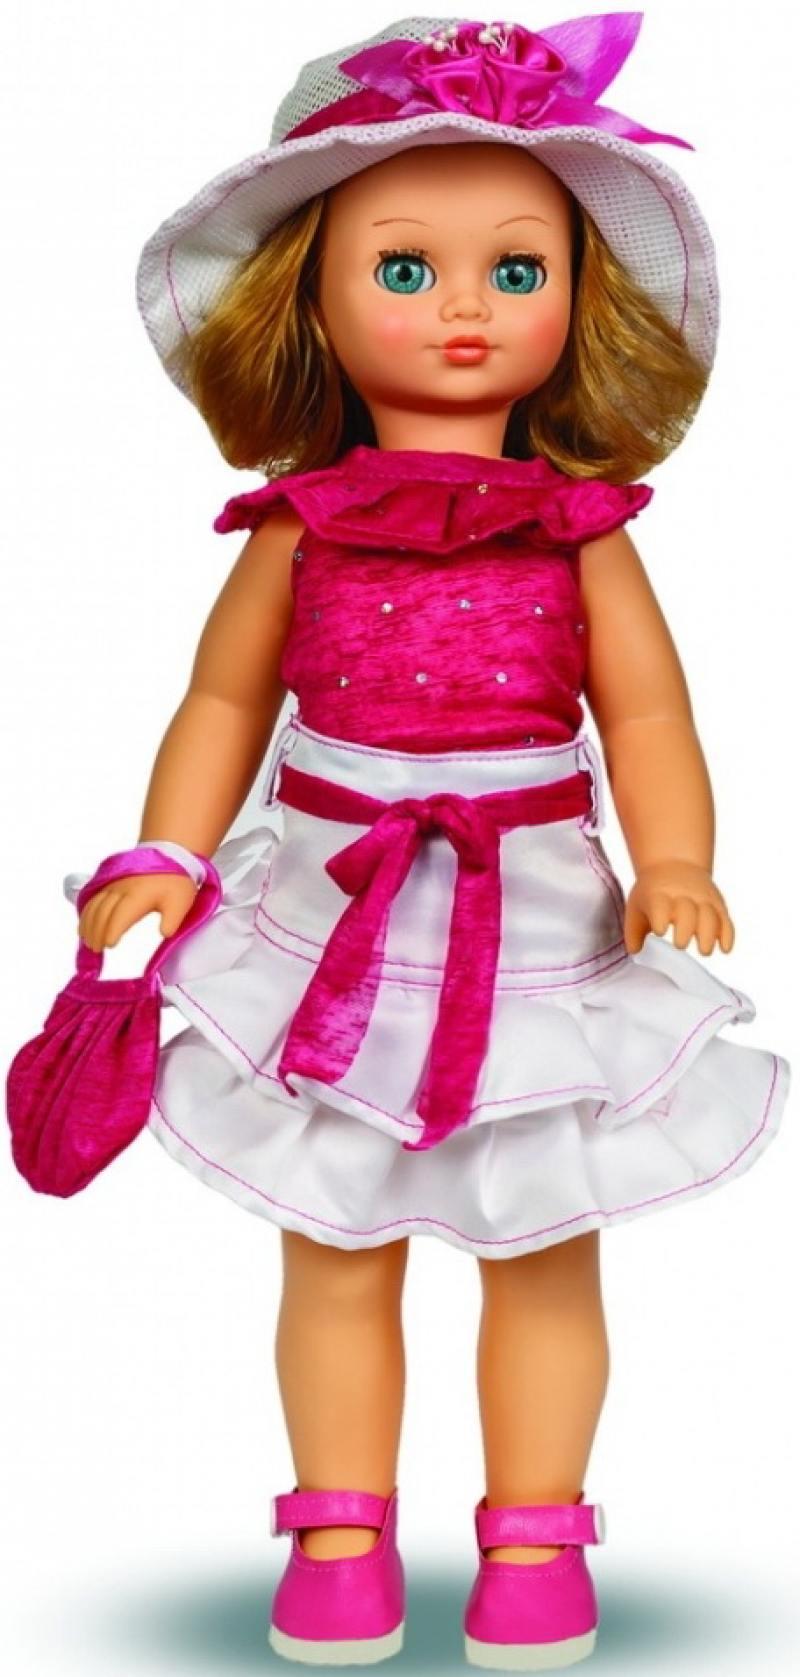 Кукла ВЕСНА Лиза 16 (озвученная) В2144/о кукла весна наталья 7 озвученная в645 о